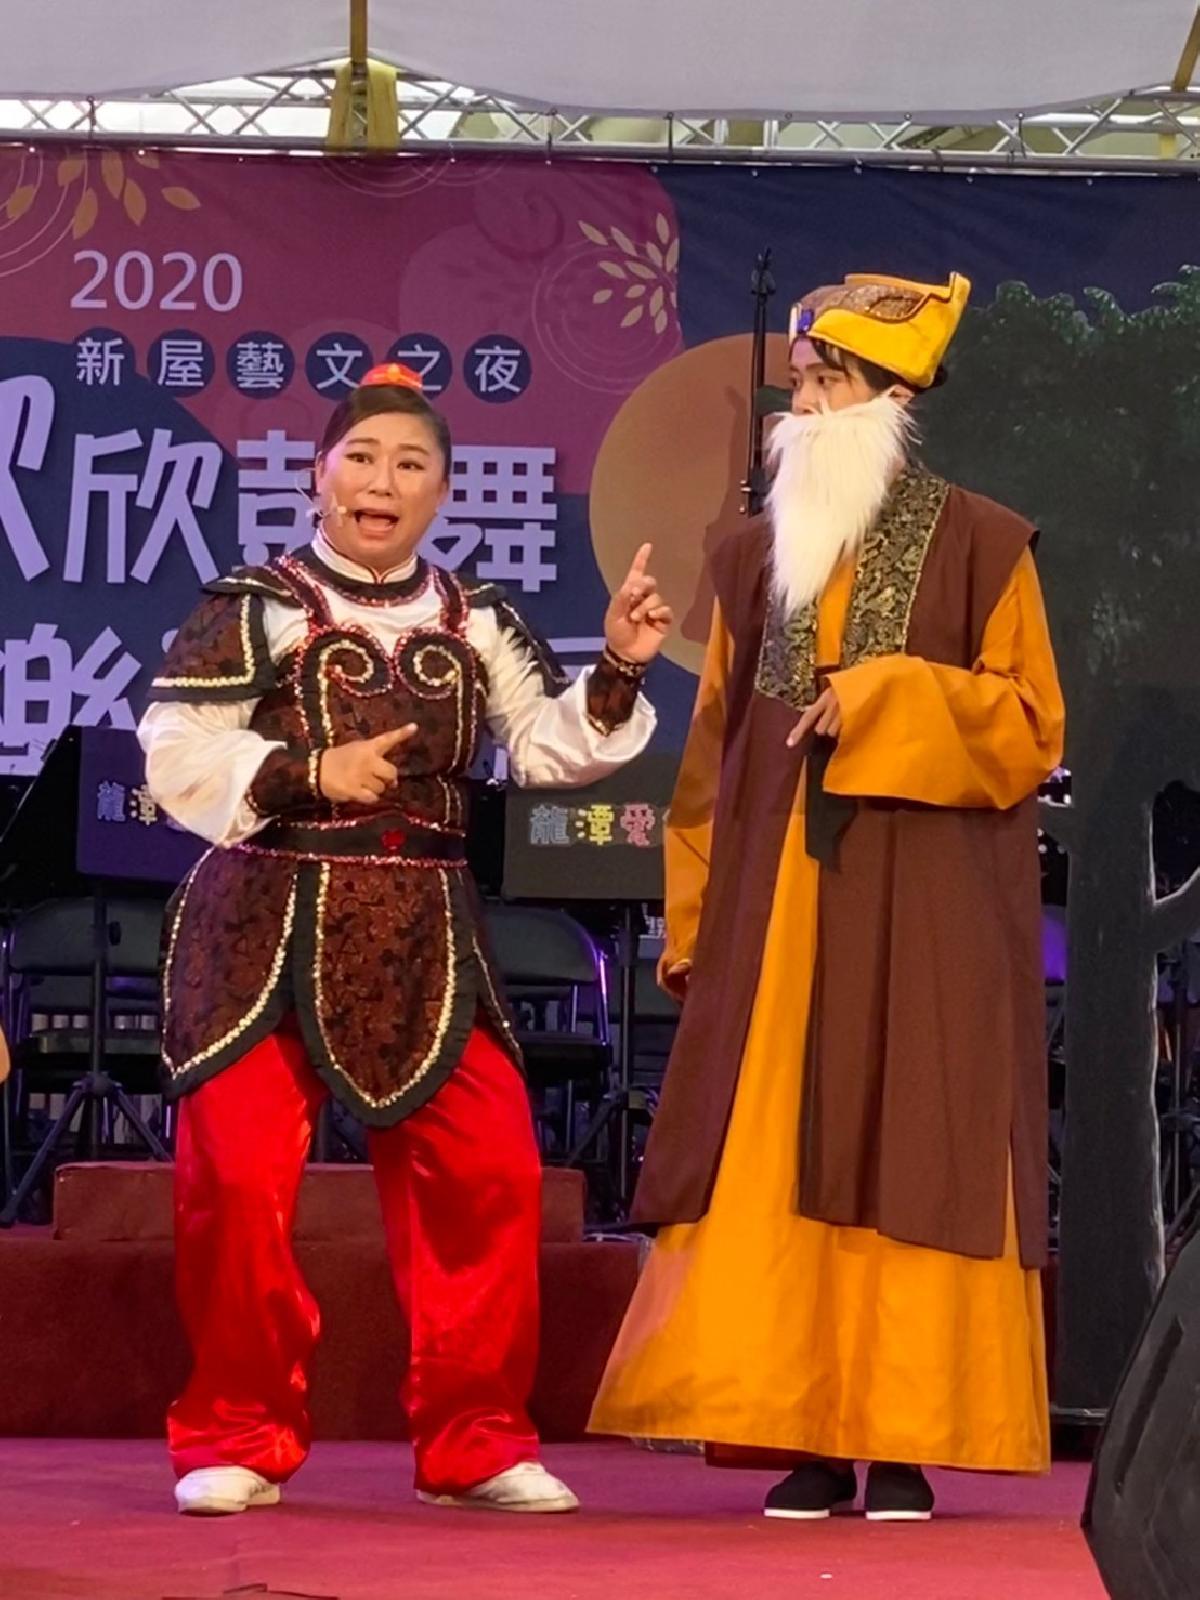 2020-09-12 新屋藝文活動_200914_50